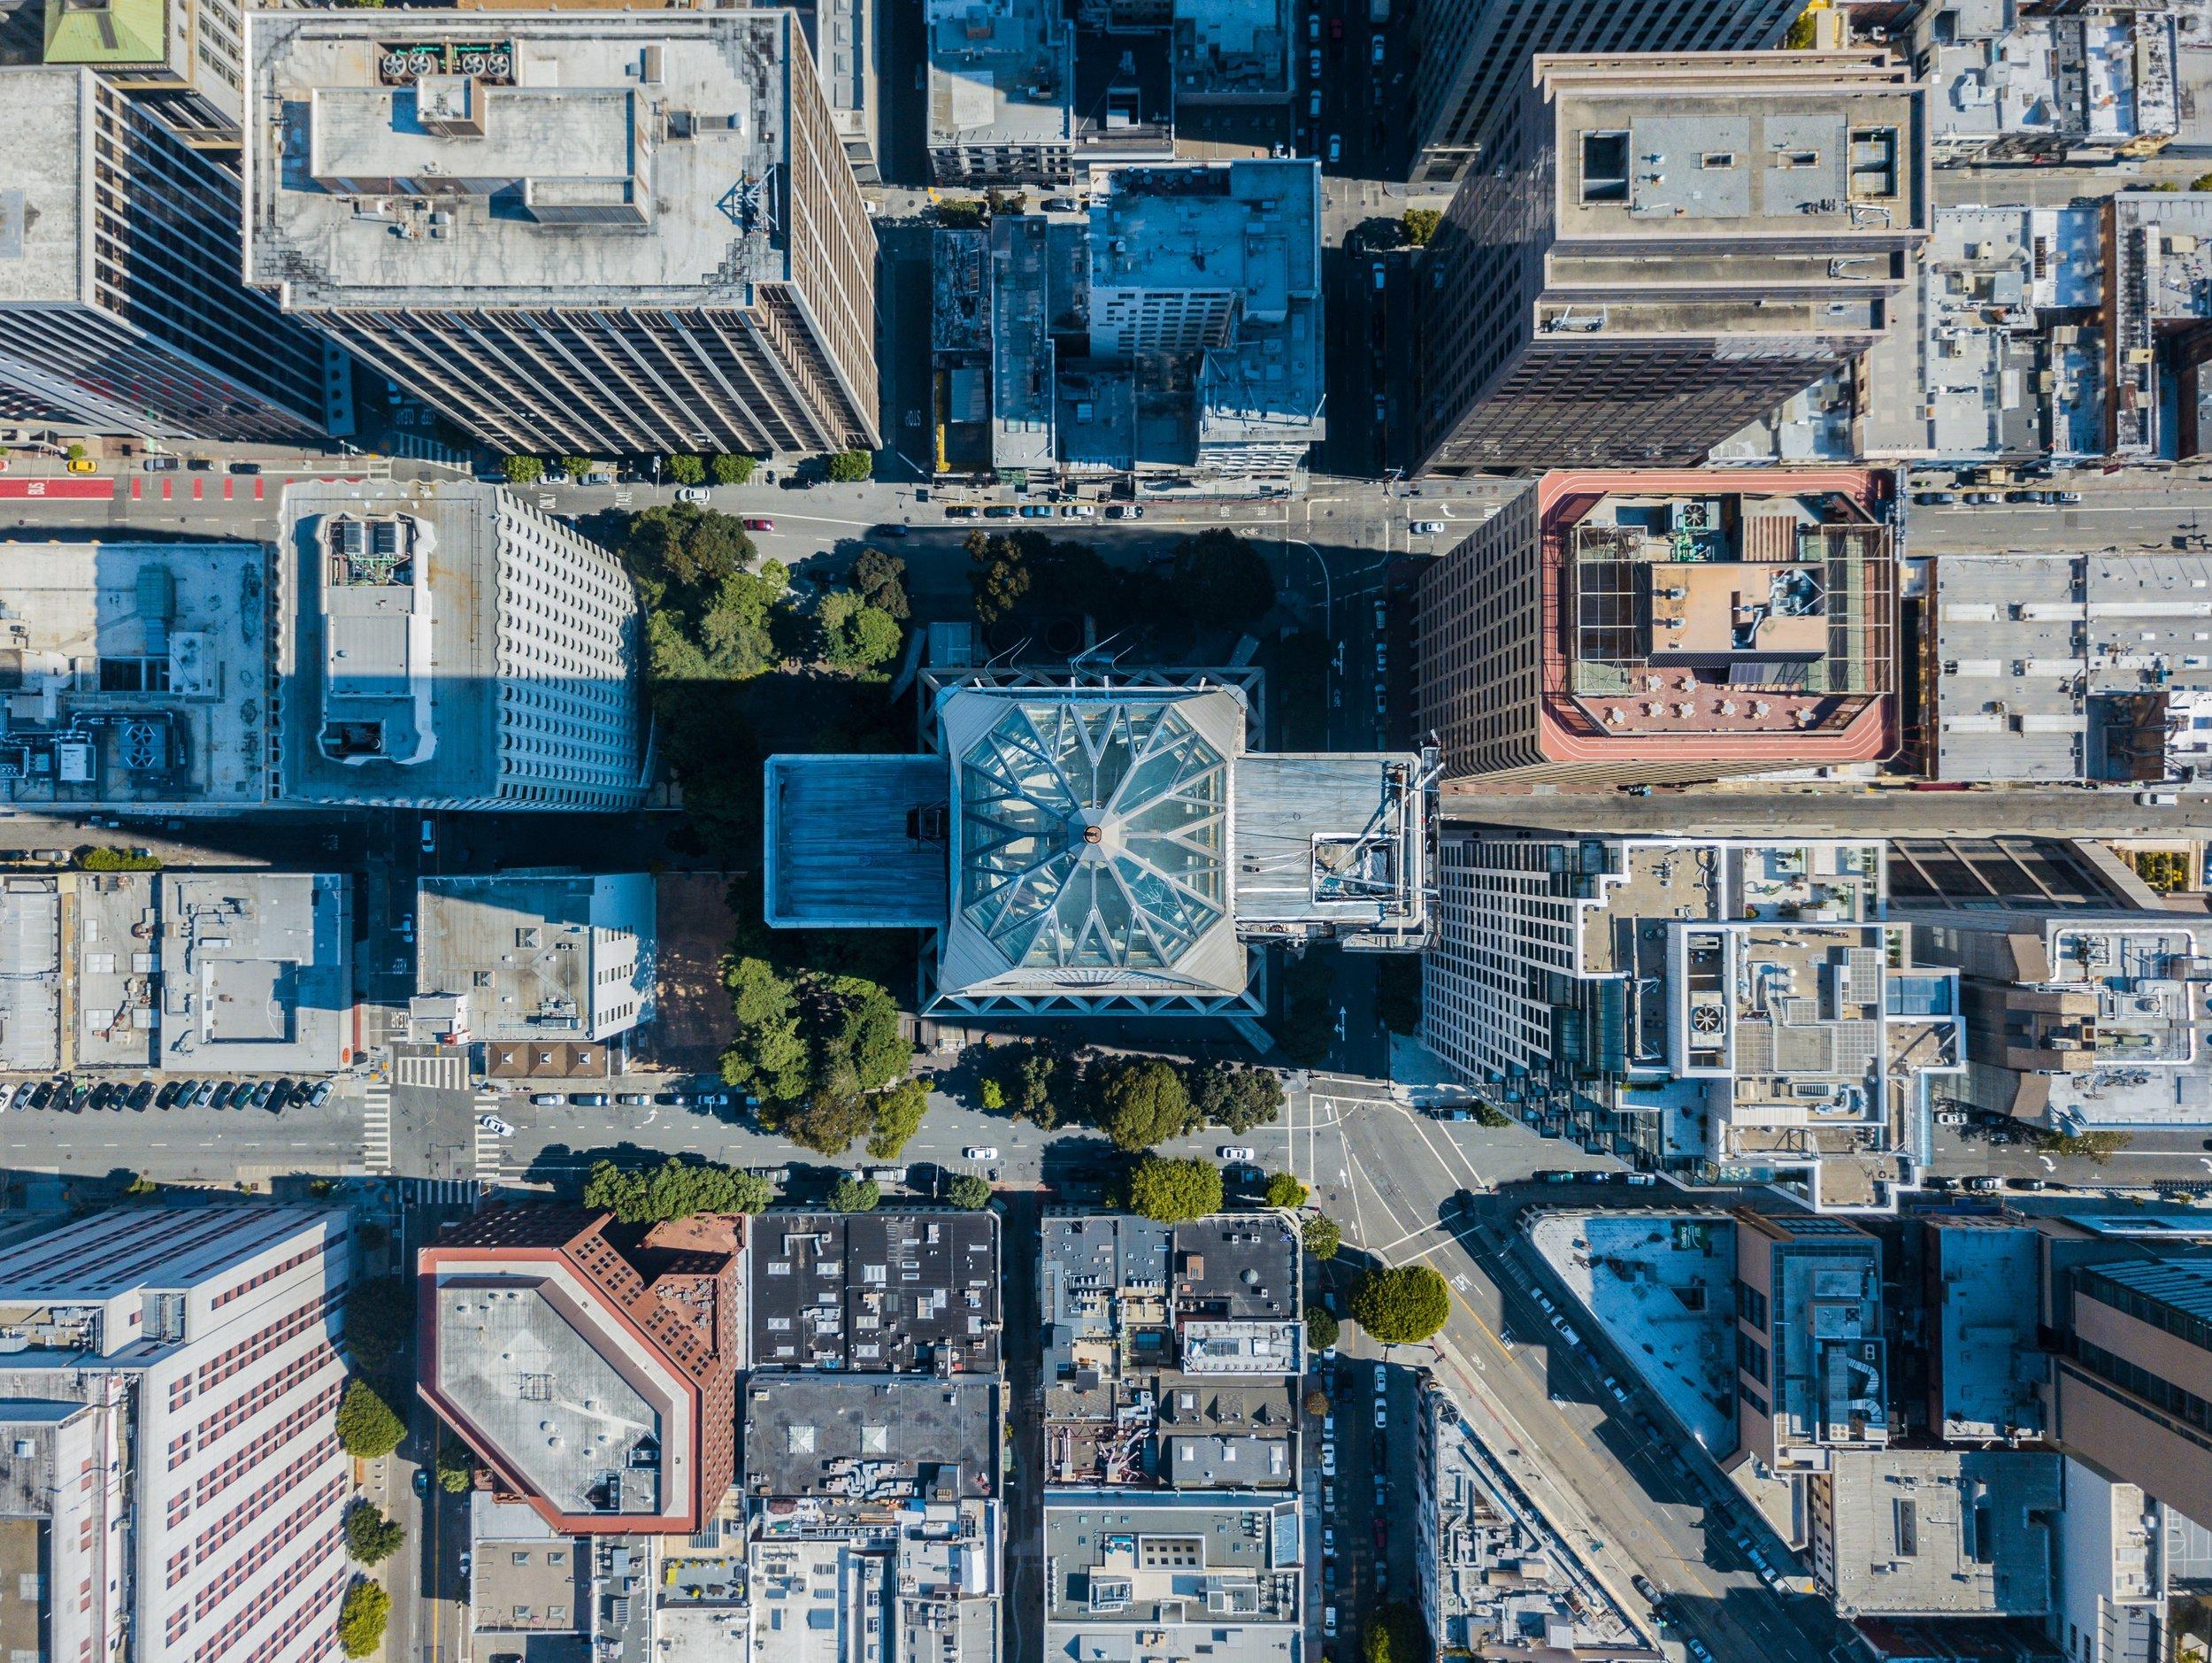 Drone of city, photo by Scott Szarapka.